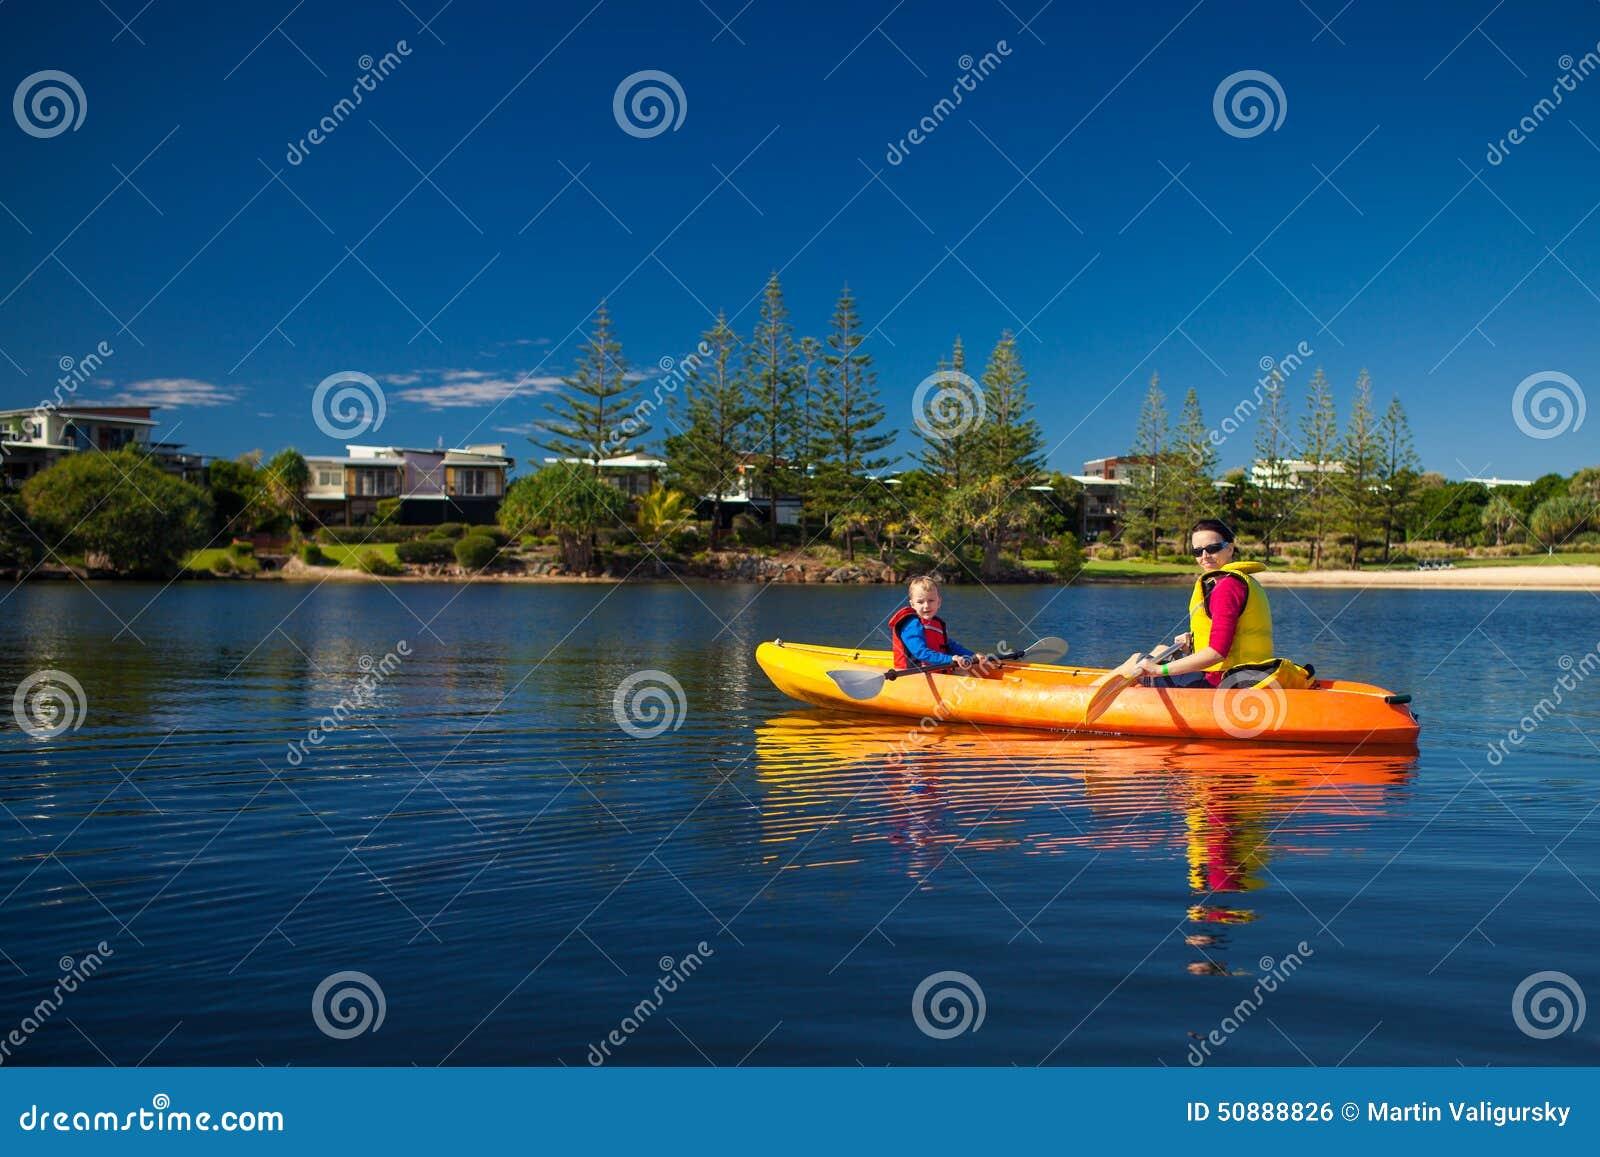 Мать и сын сплавляться в небольшом озере